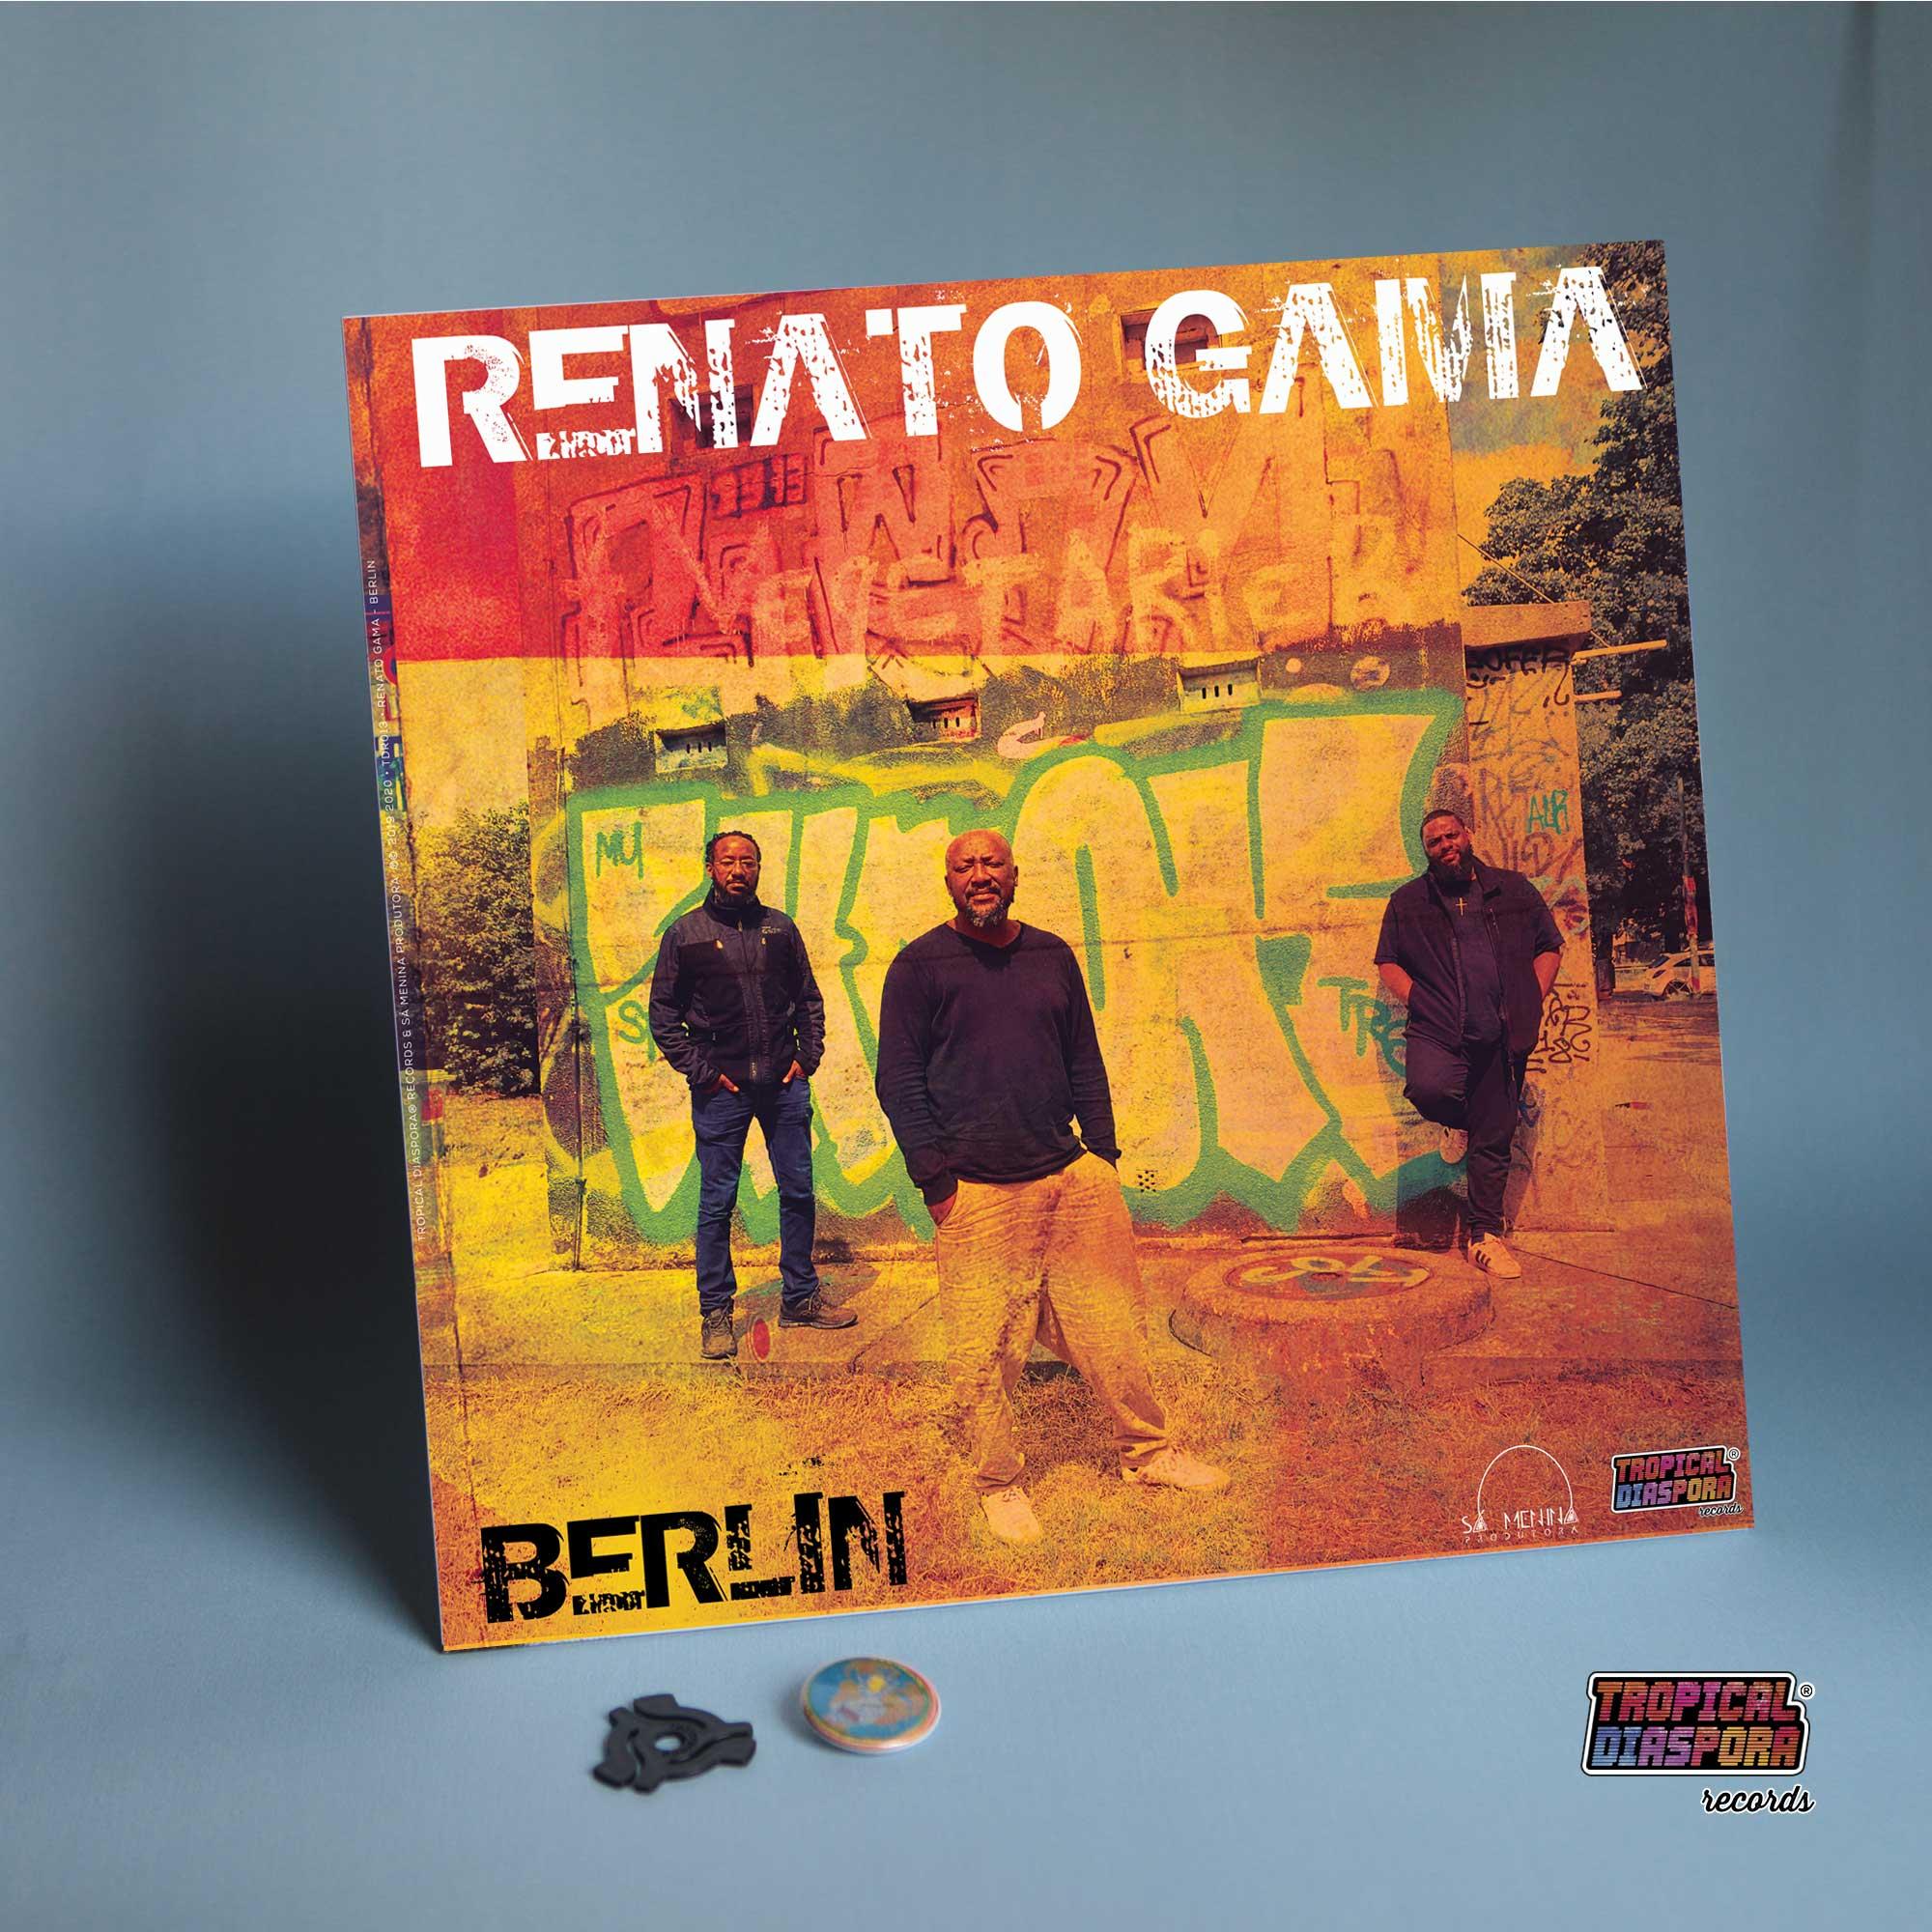 Renato Gama